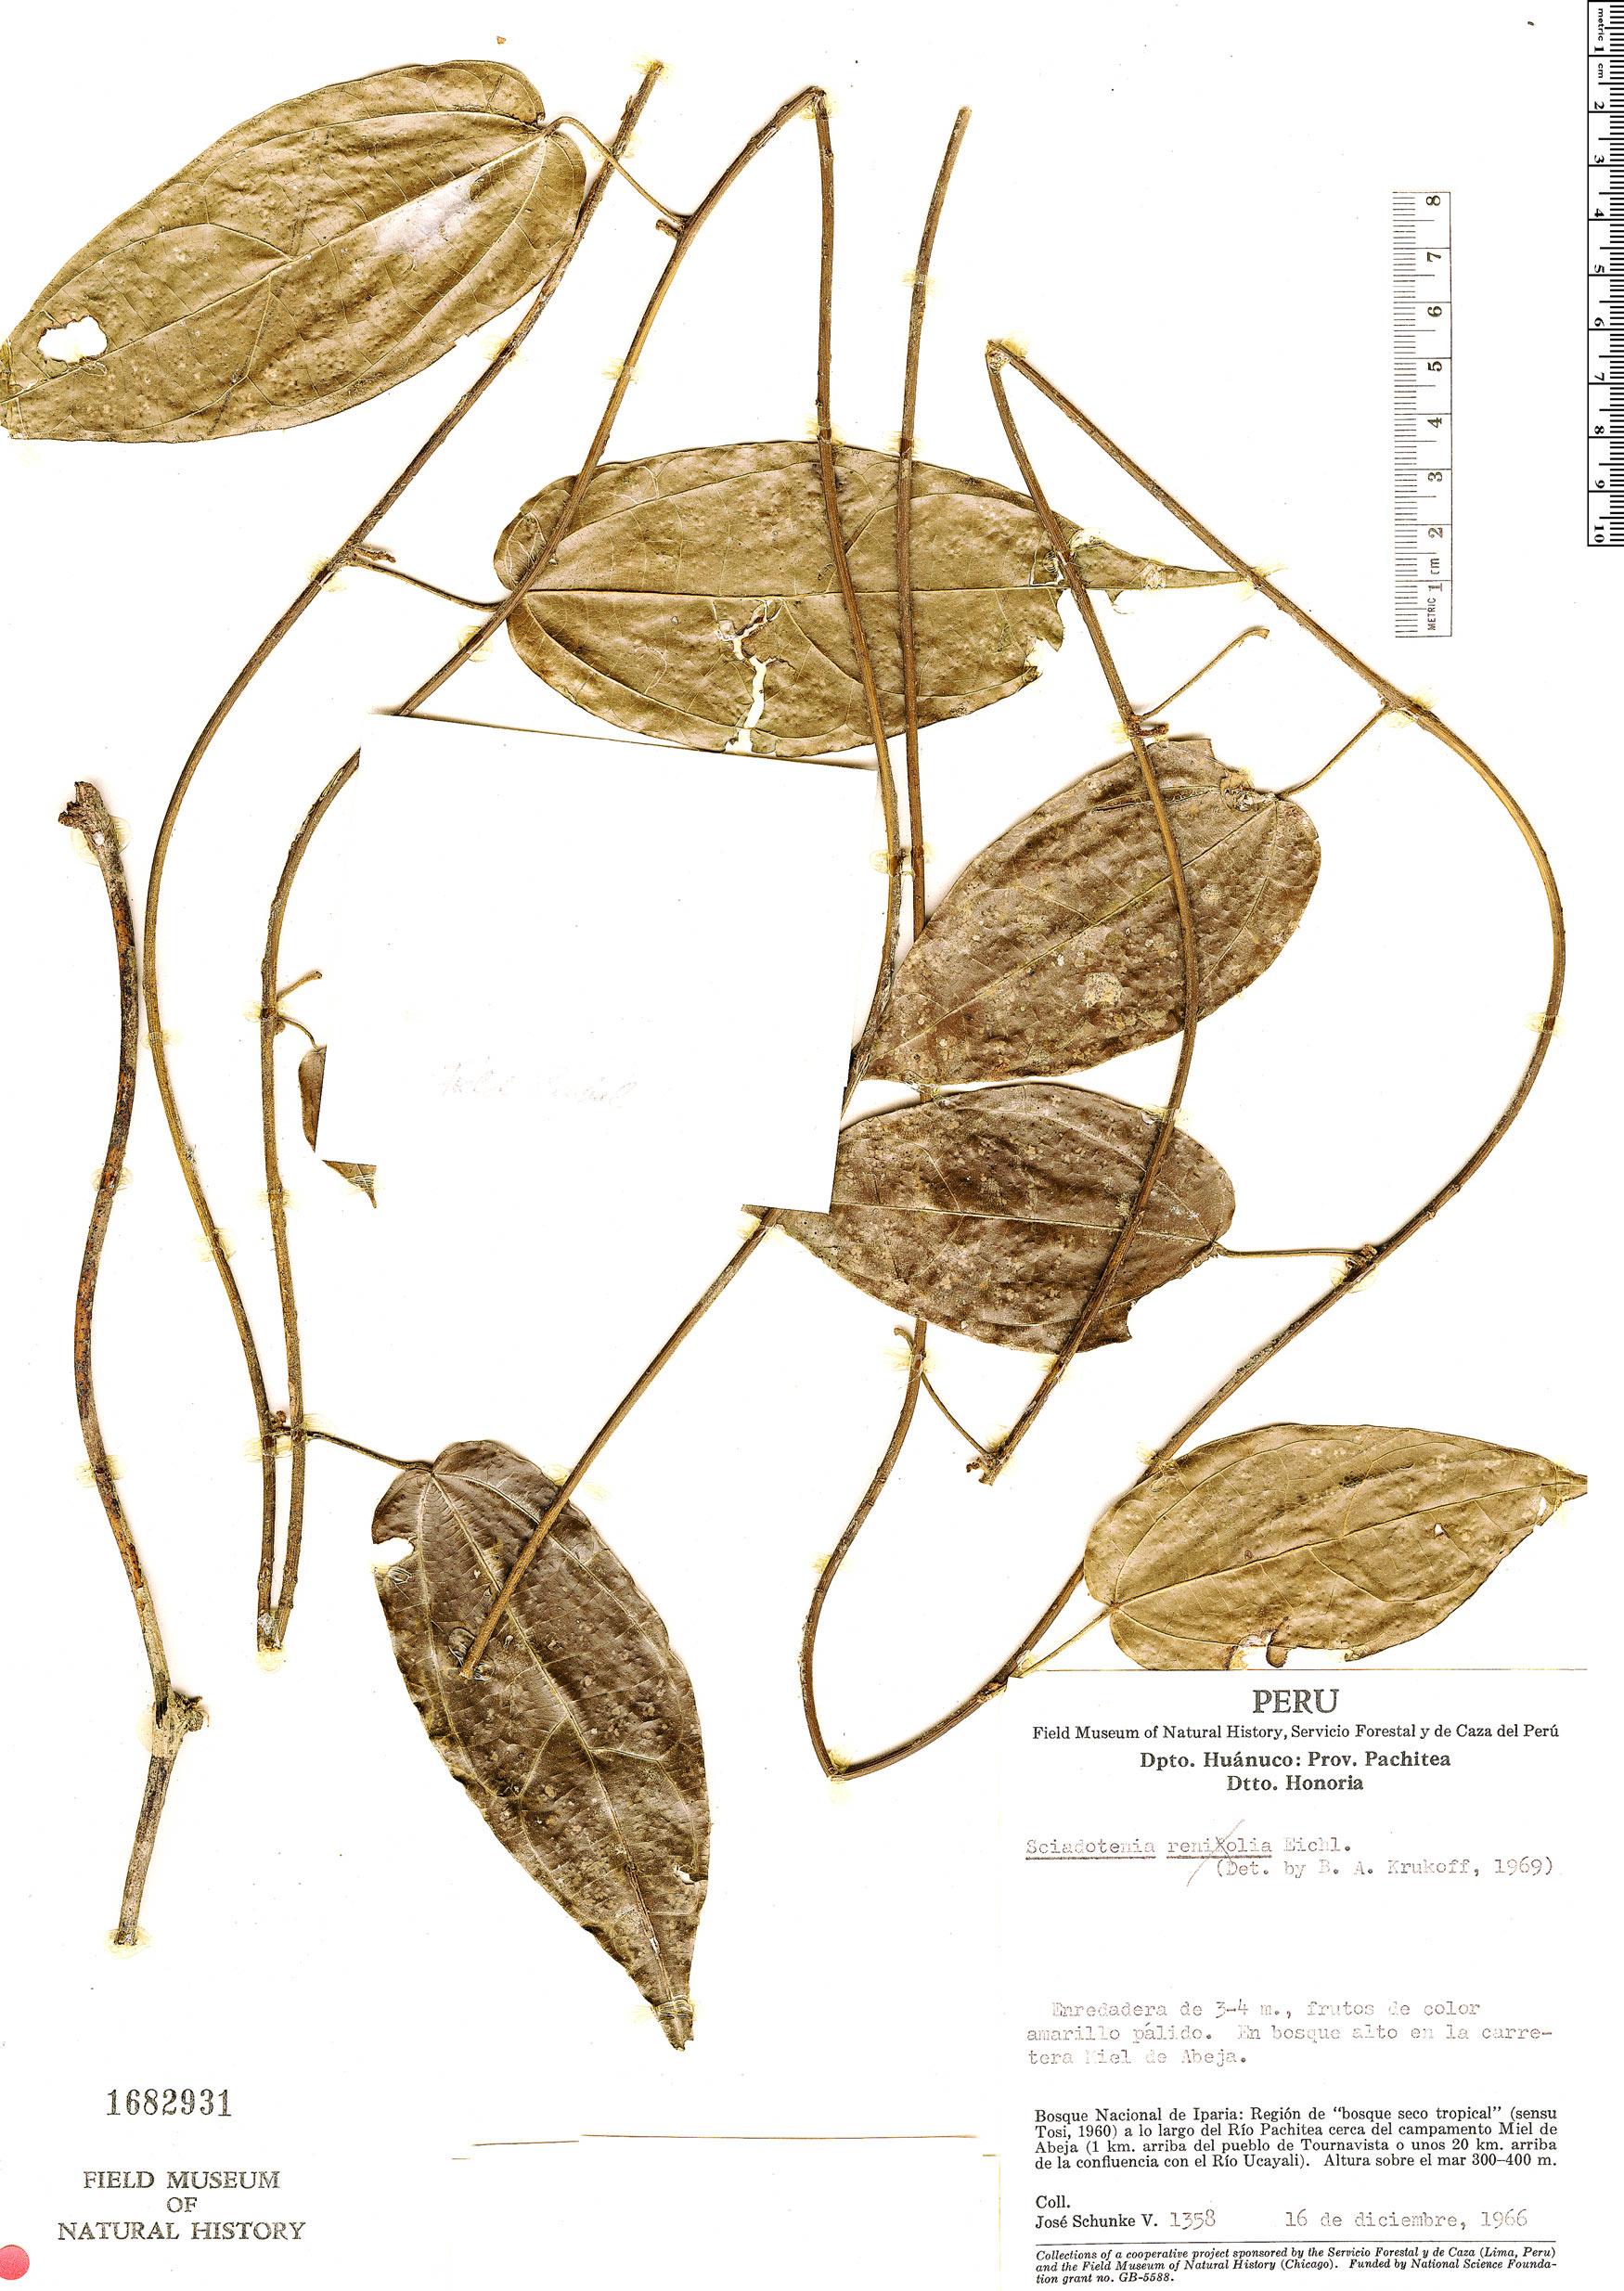 Espécimen: Sciadotenia ramiflora